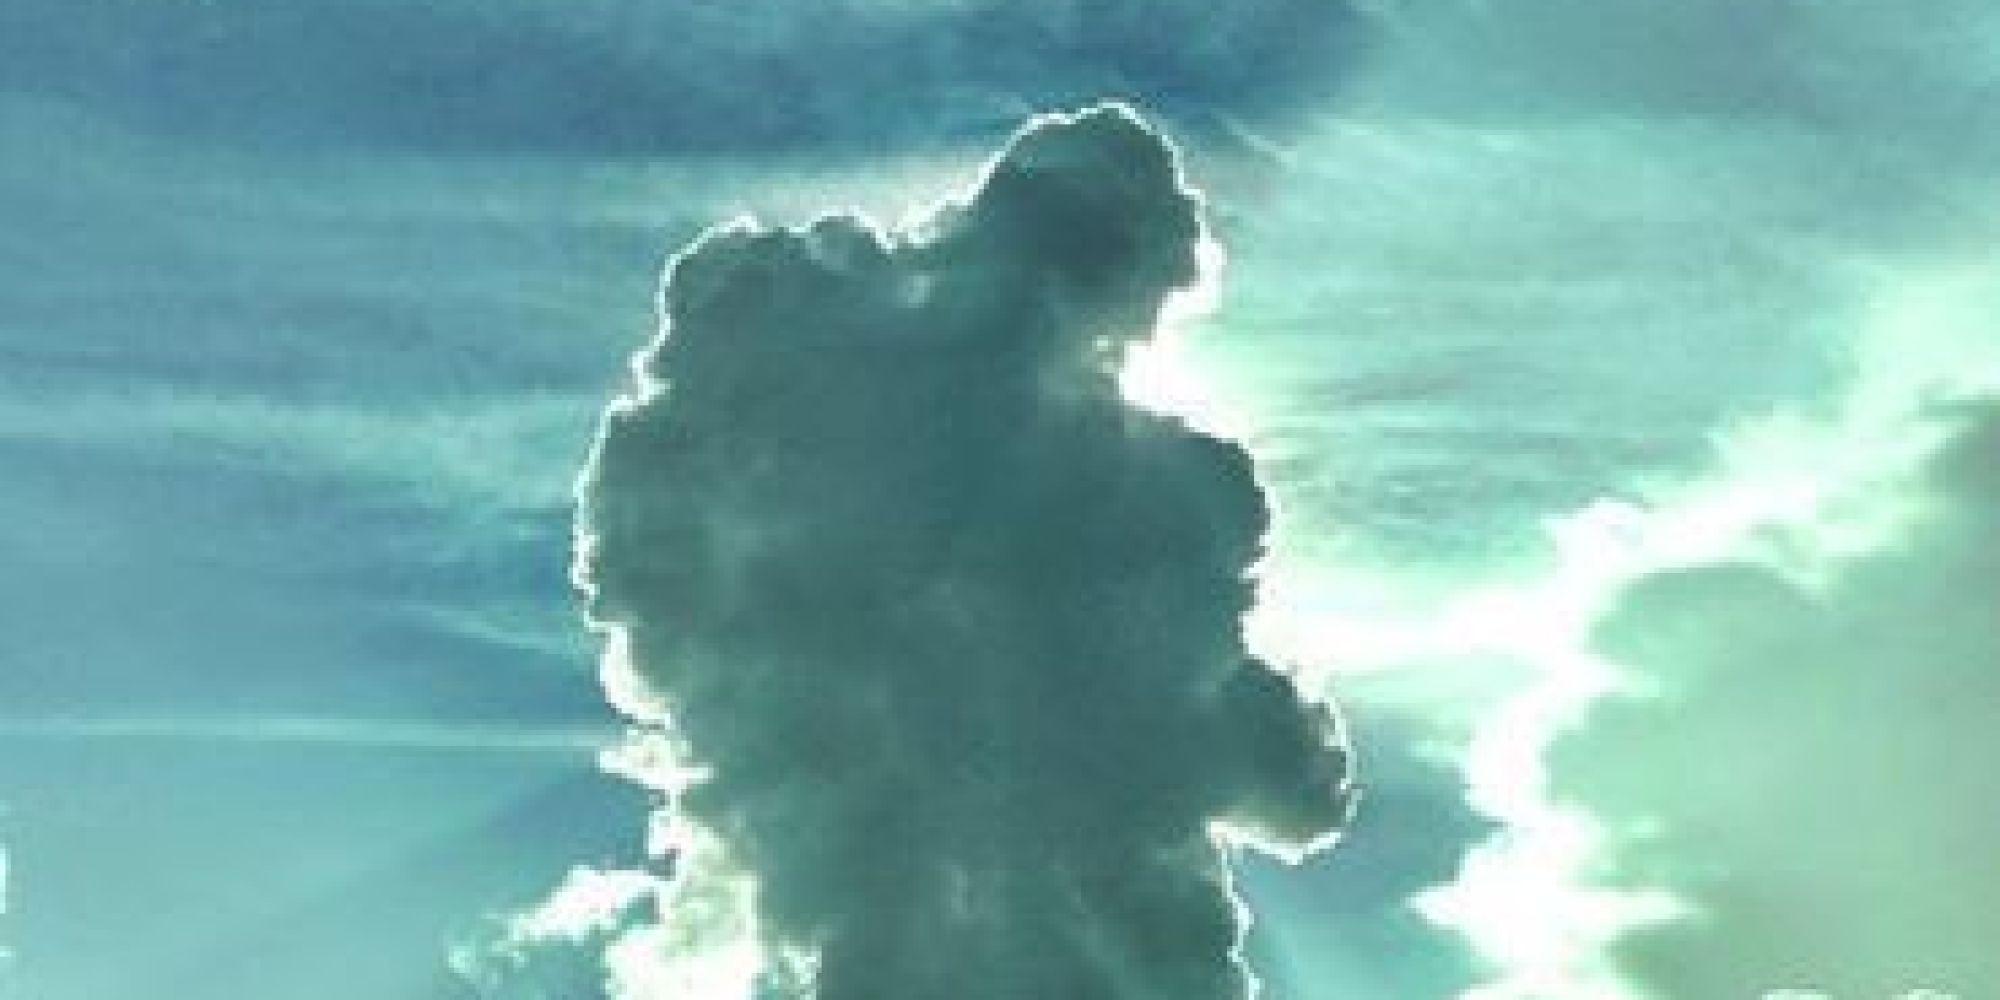 Αποτέλεσμα εικόνας για god and angel